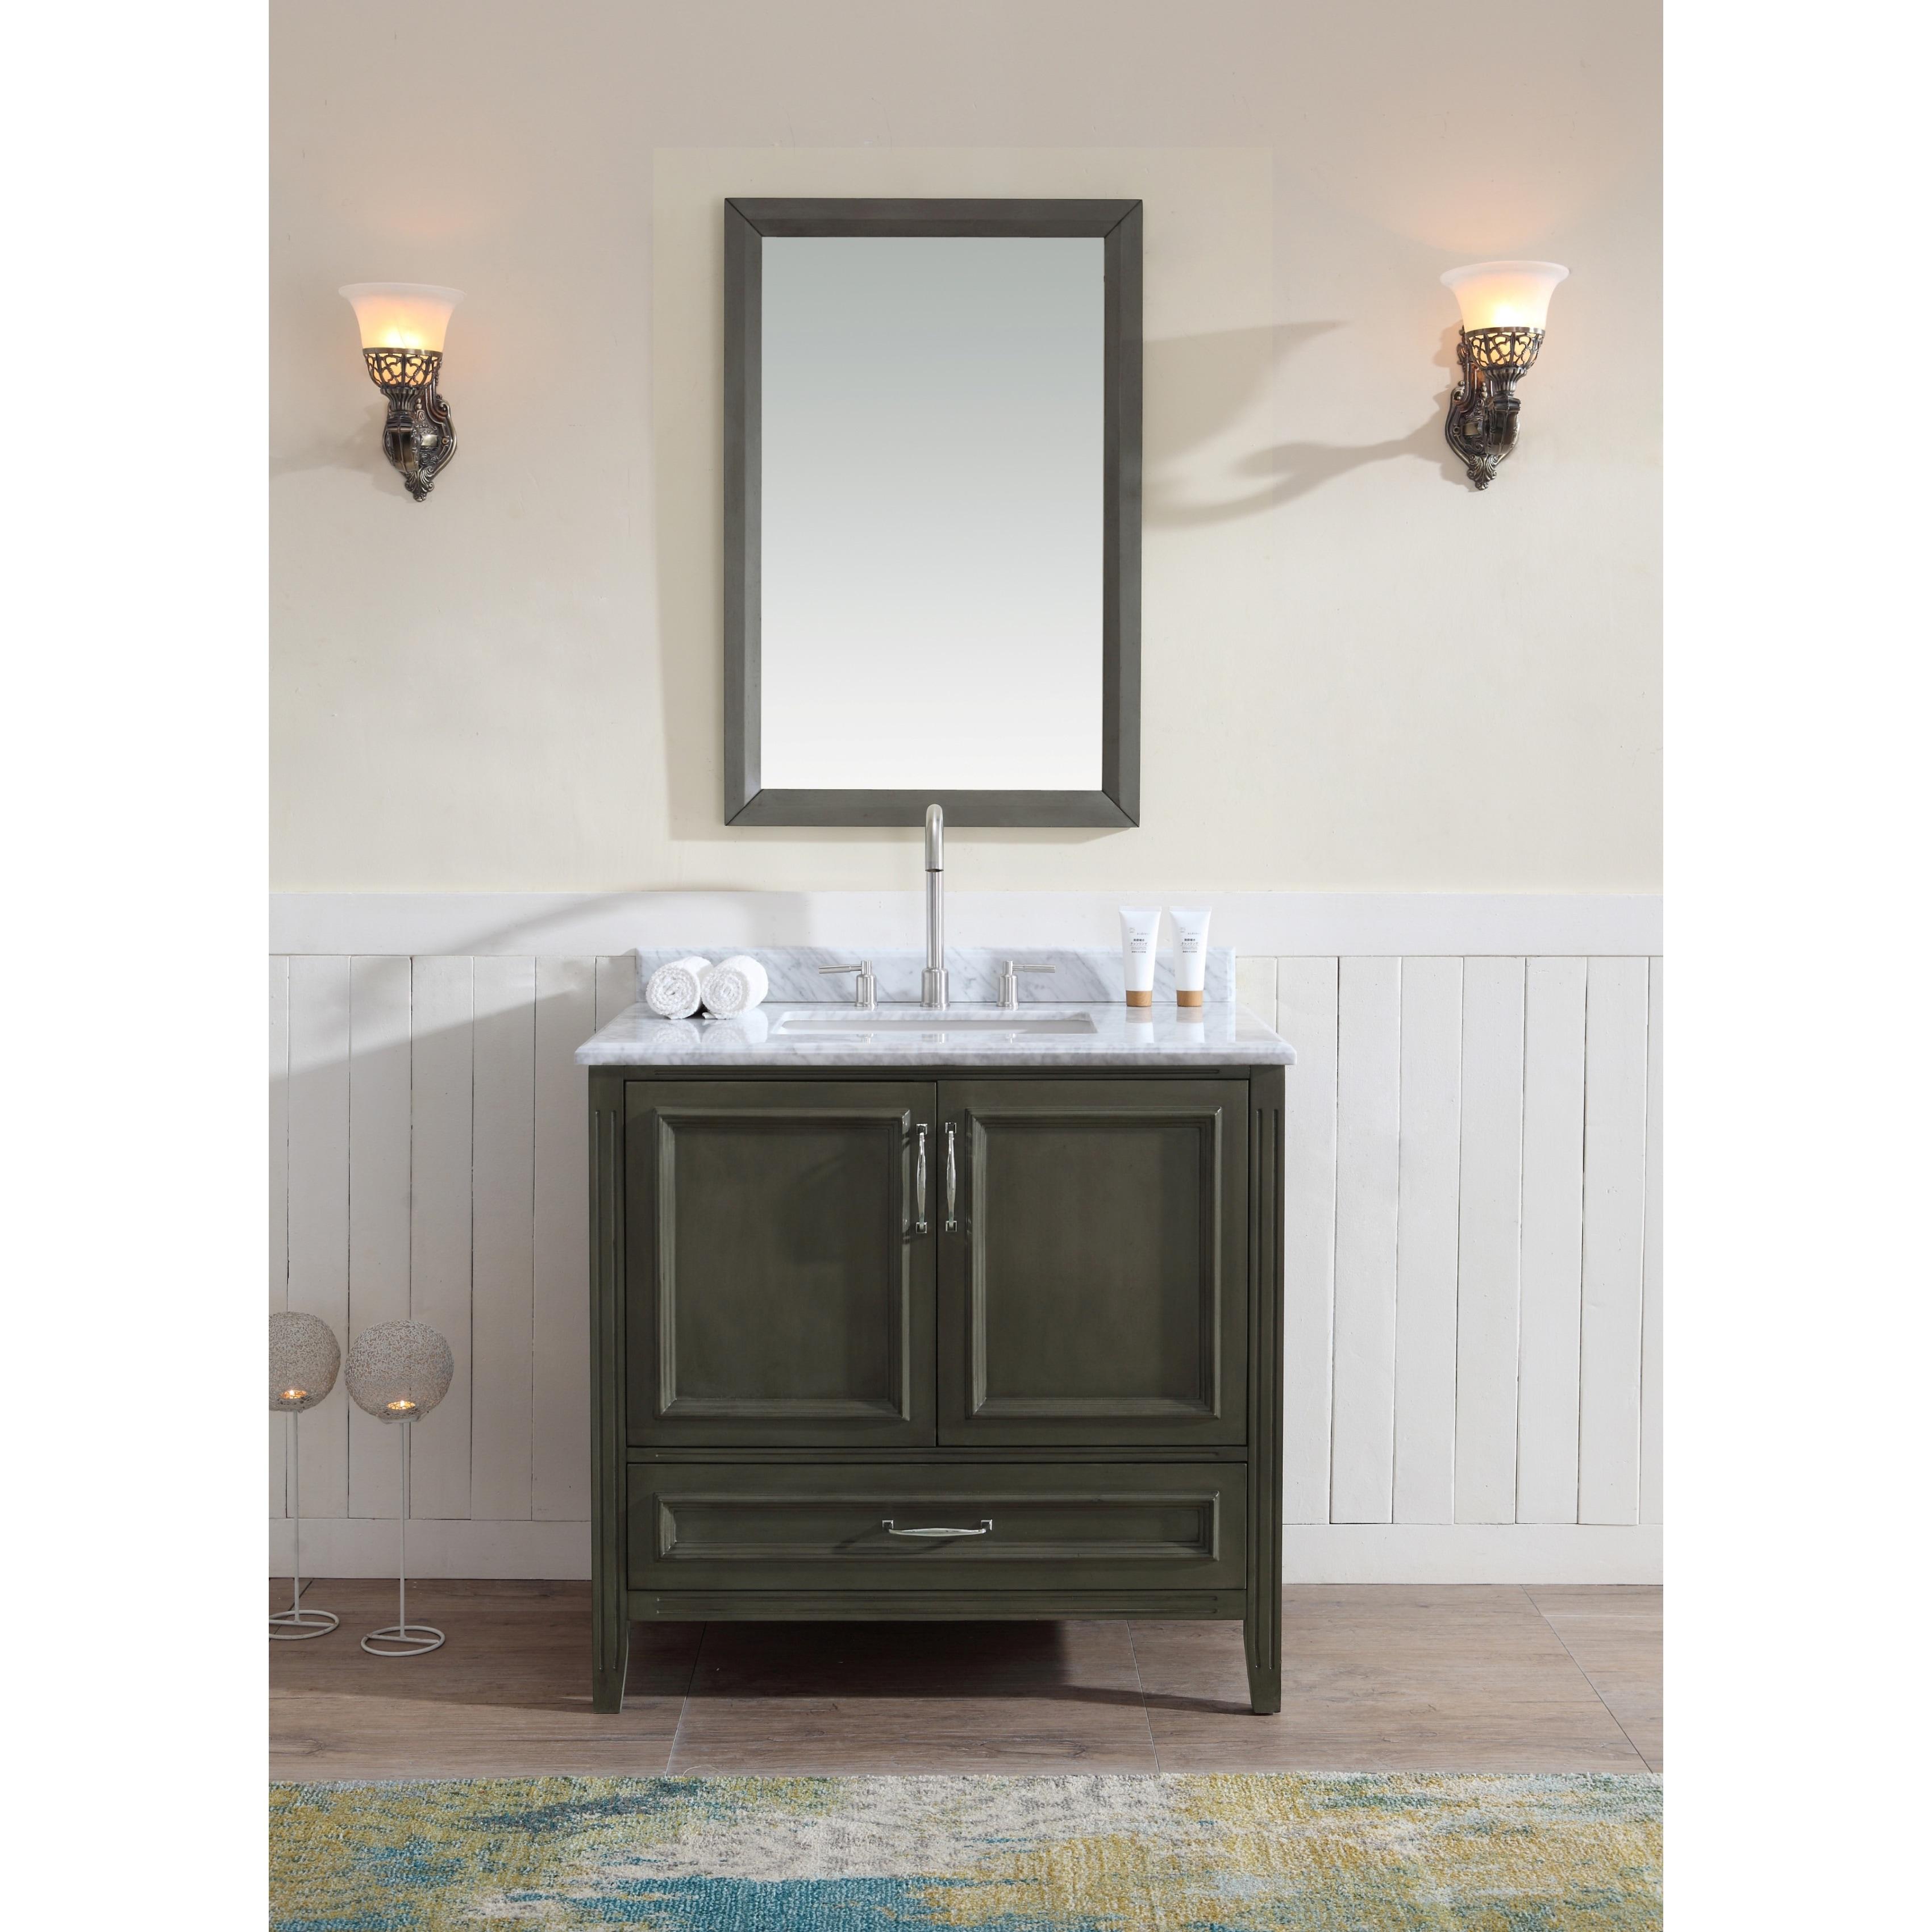 Ari Kitchen and Bath Jude 36-inch Single Bathroom Vanity - Free ...